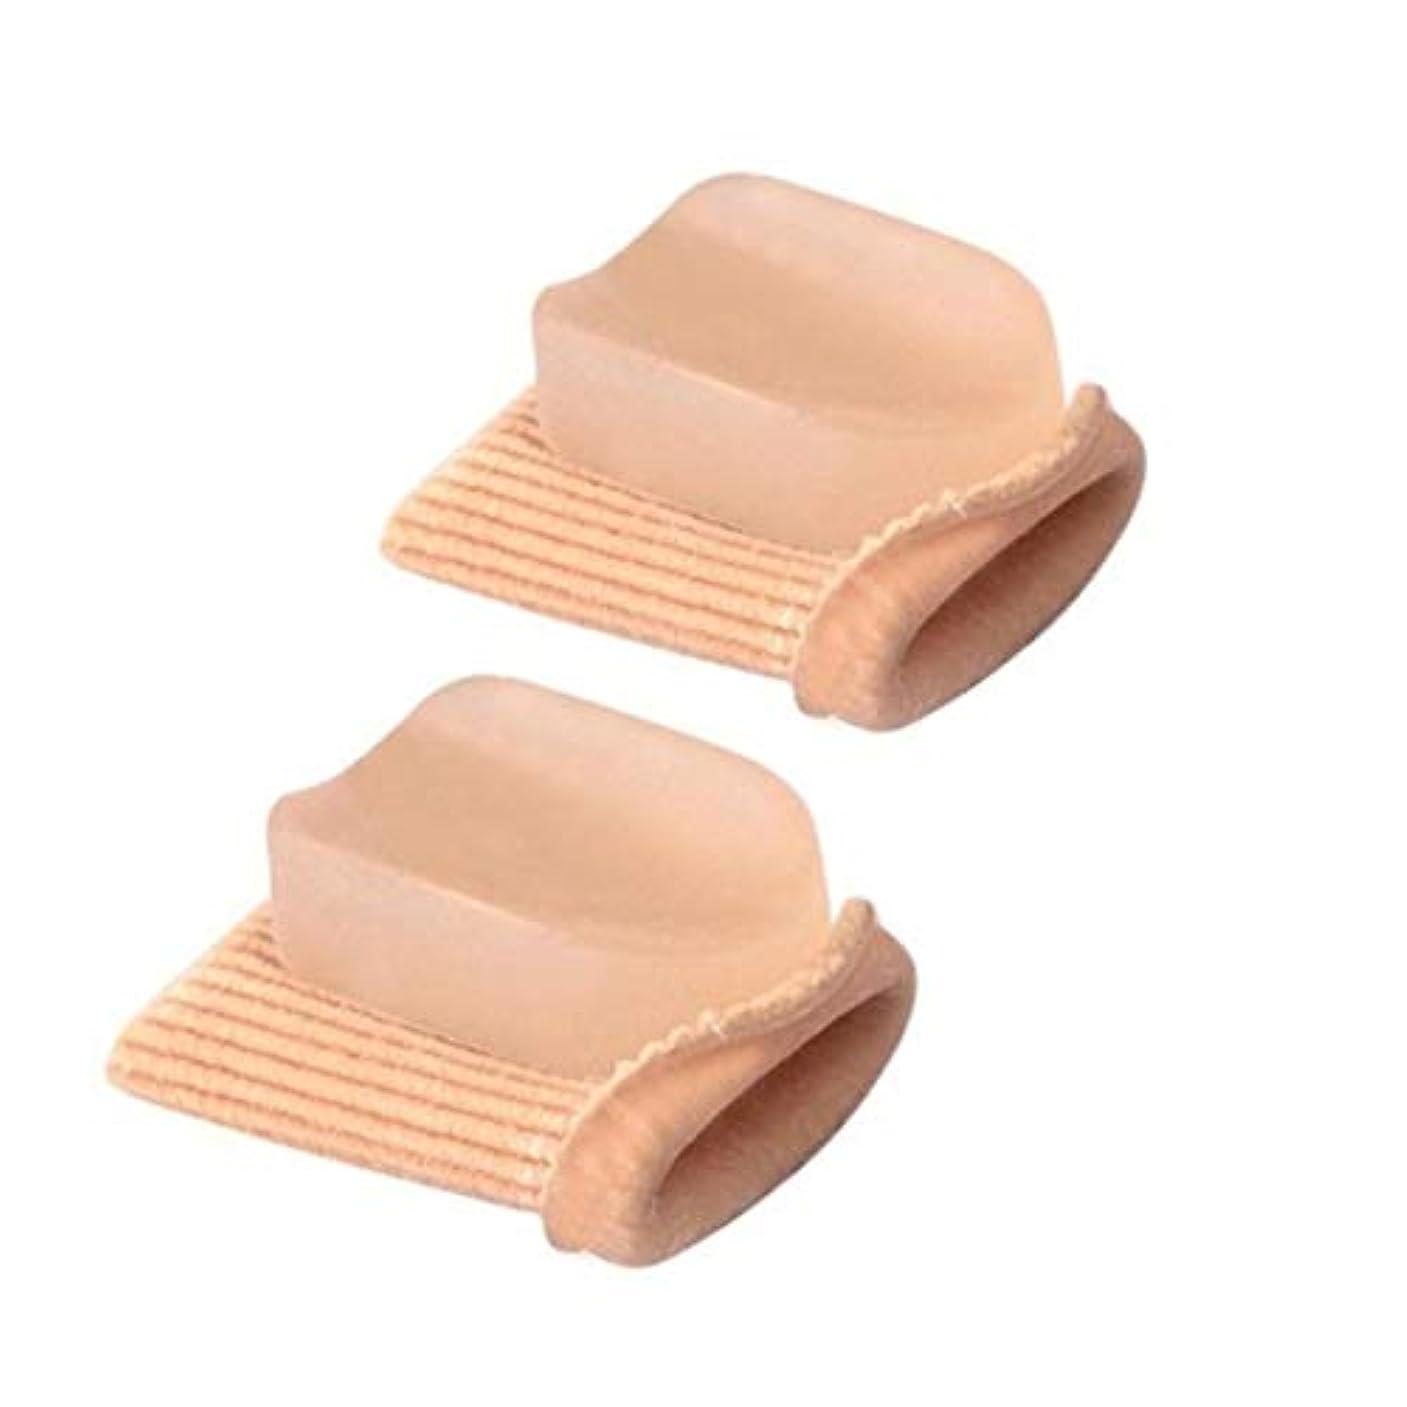 考える風邪をひくカタログ高弾性つま先ストレート矯正ハンマーつま先外反母gus矯正包帯つま先セパレーターフットケア包帯-スキンカラーS